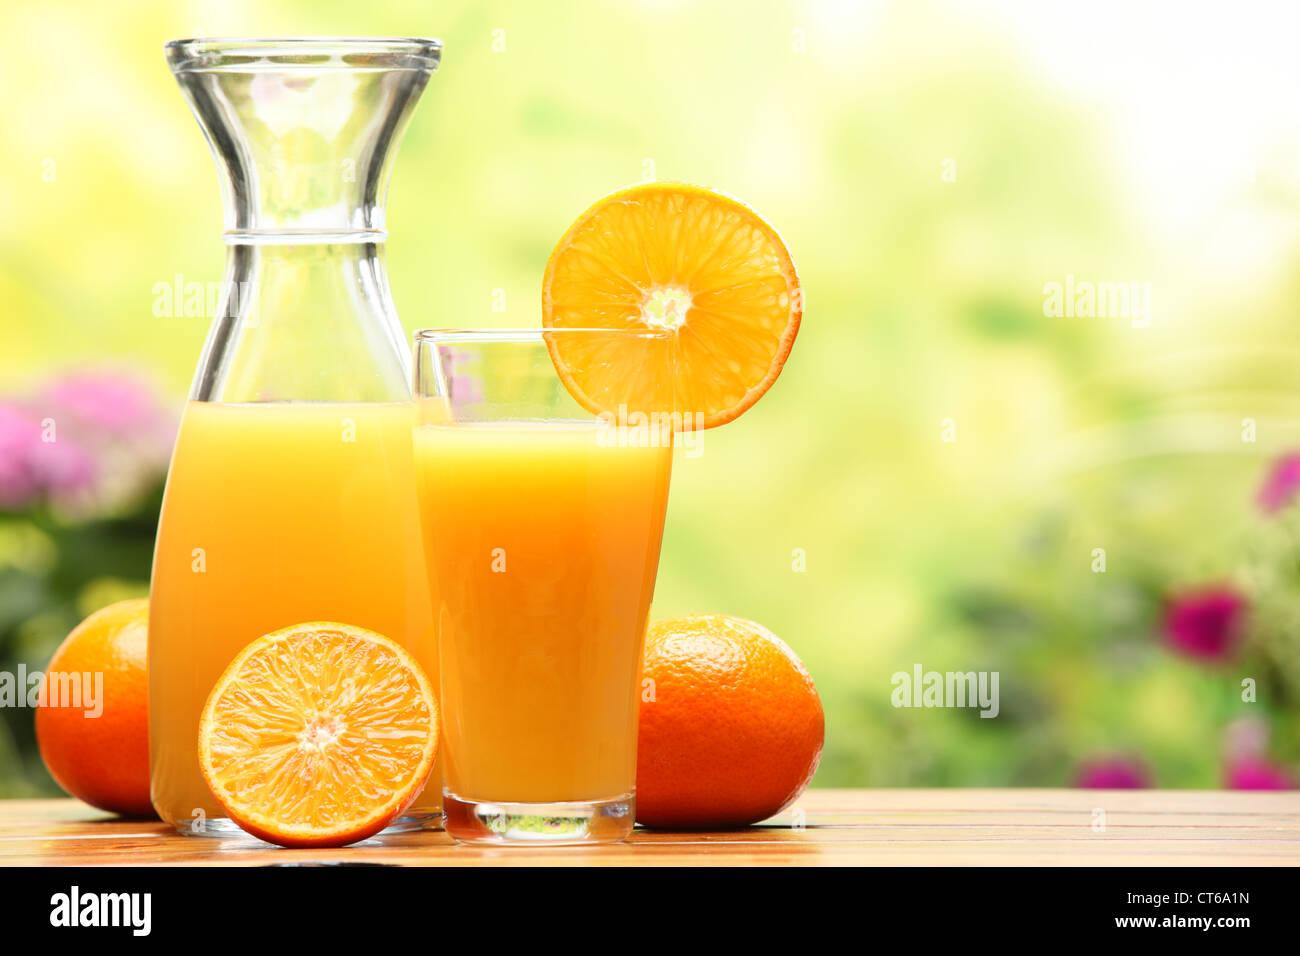 Dos vasos de jugo de naranja y frutas Imagen De Stock